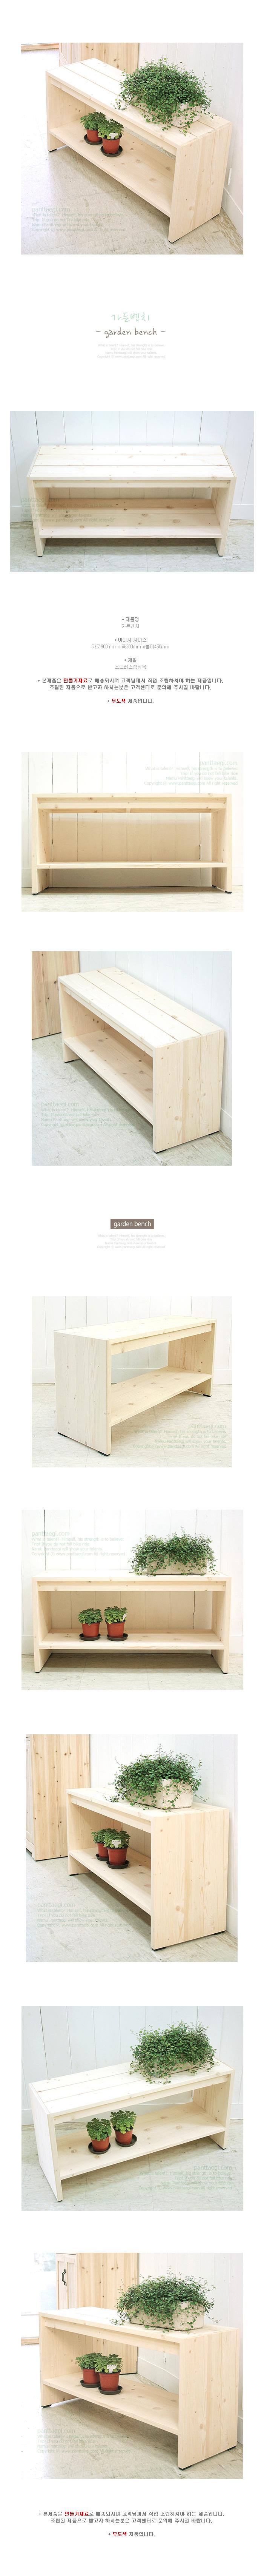 가든벤치 - 나무판때기, 136,000원, 디자인 의자, 인테리어의자